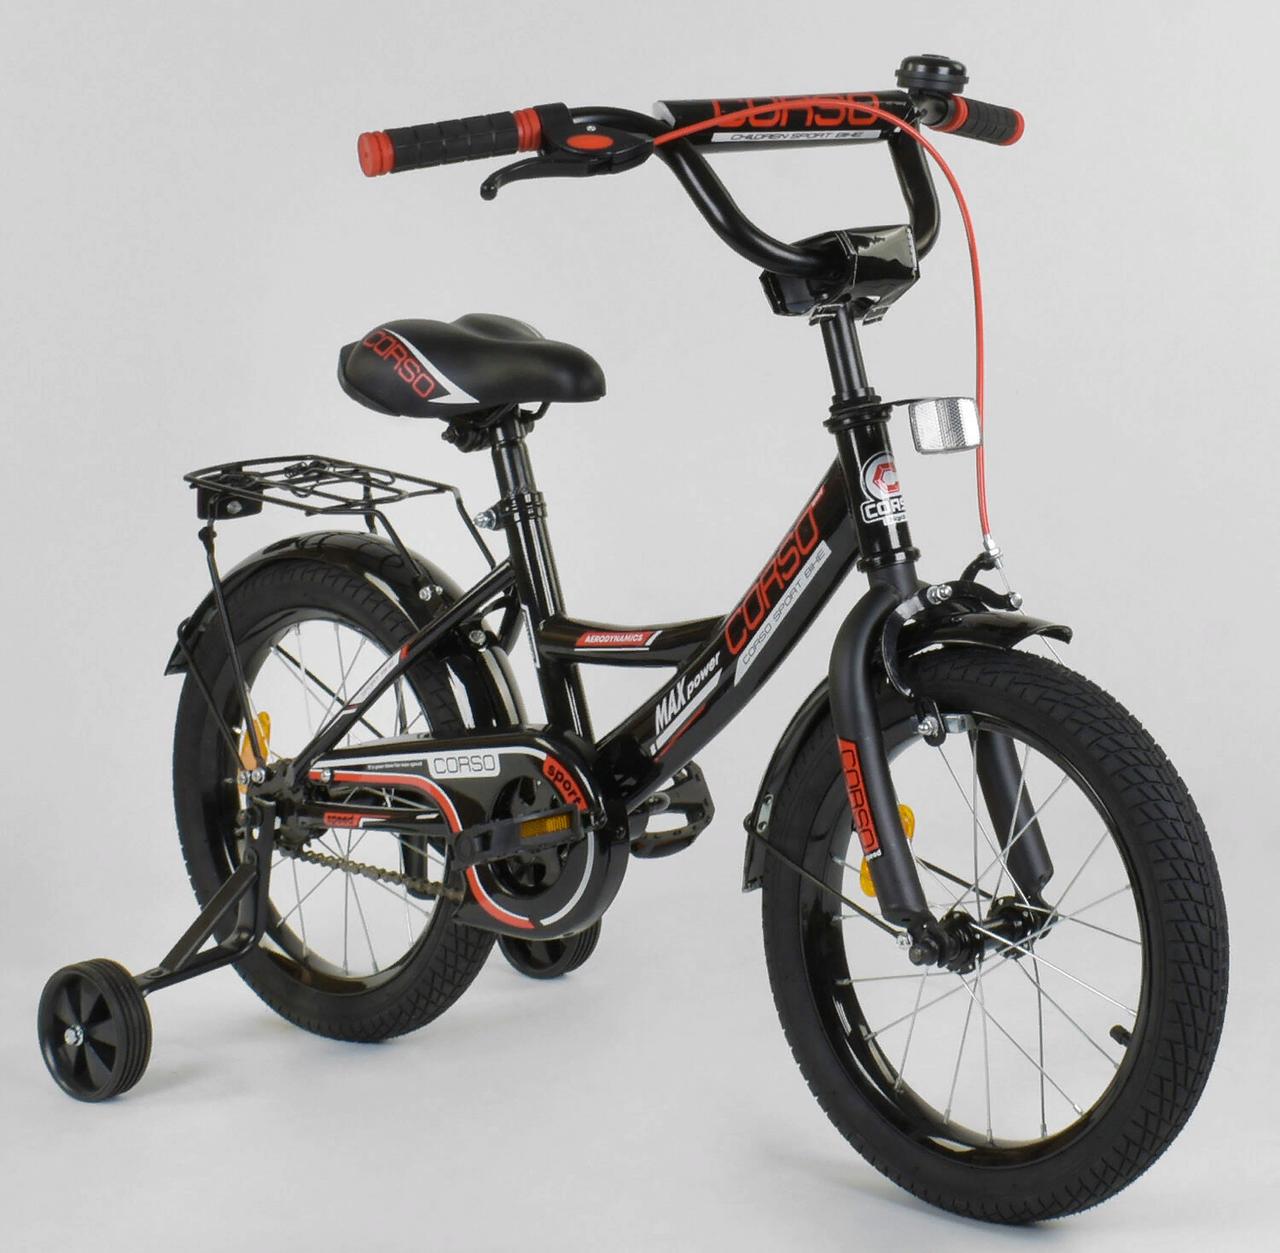 Двухколесный детский велосипед 16 дюймов CL-16 P 4482 черный